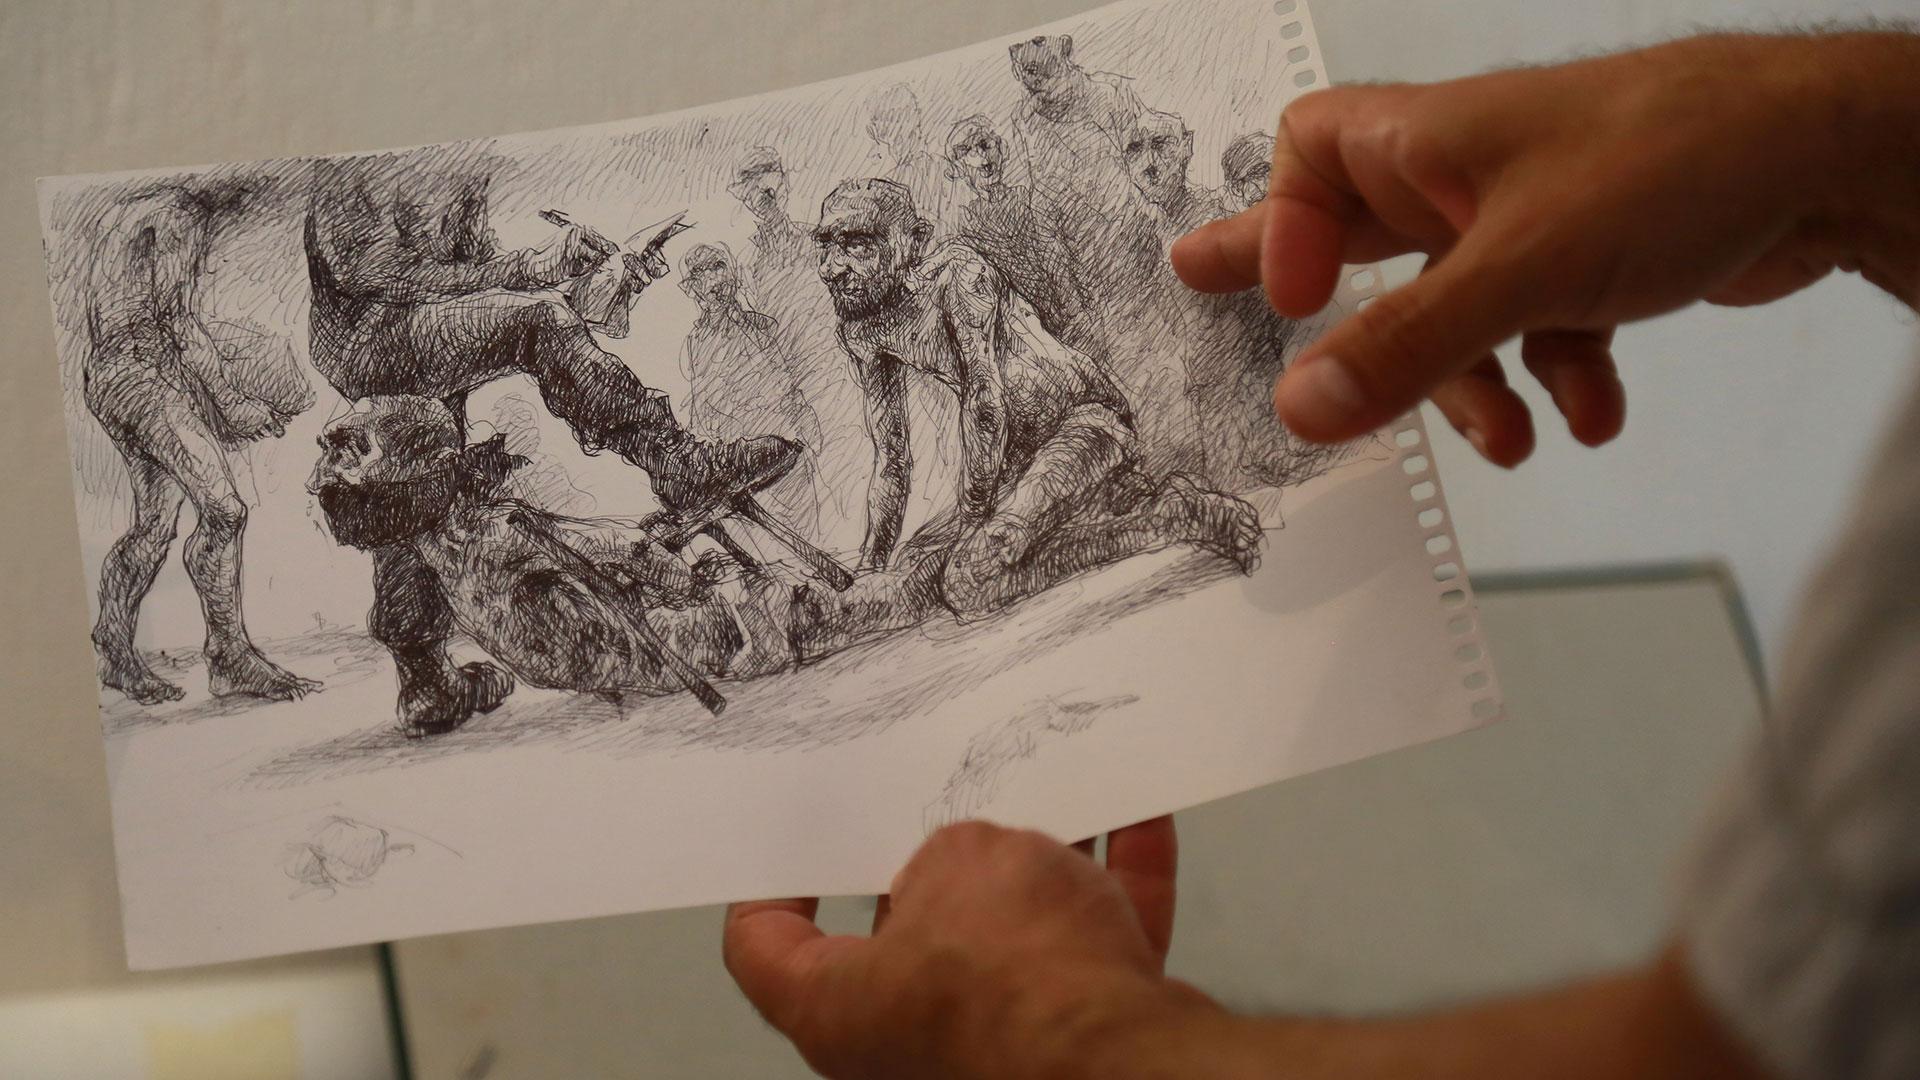 """""""Esto es en las mañana, cuando transportábamos los cadáveres"""", cuenta, mostrando otro dibujo. """"A menudo el olor de los prisioneros muertos desde hace dos días era nauseabundo. Algunos tenían rastros de tortura y la mayoría estaban esqueléticos"""""""